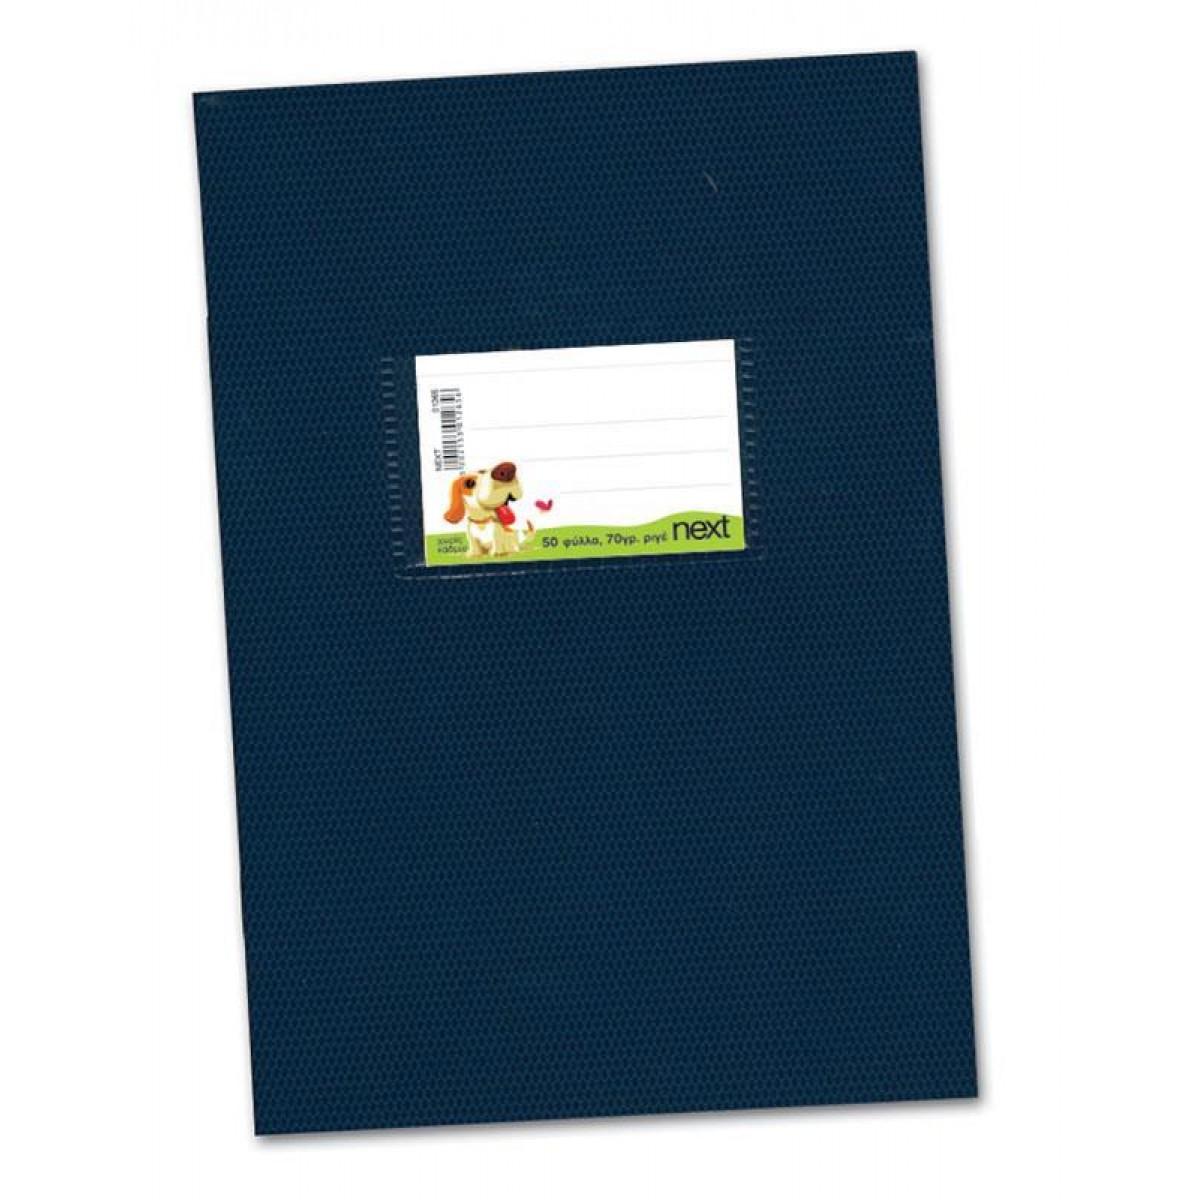 Σχολικό Τετράδιο Αντιγραφής με Χοντρό Εξώφυλλο 50 Φύλλα Μπλε